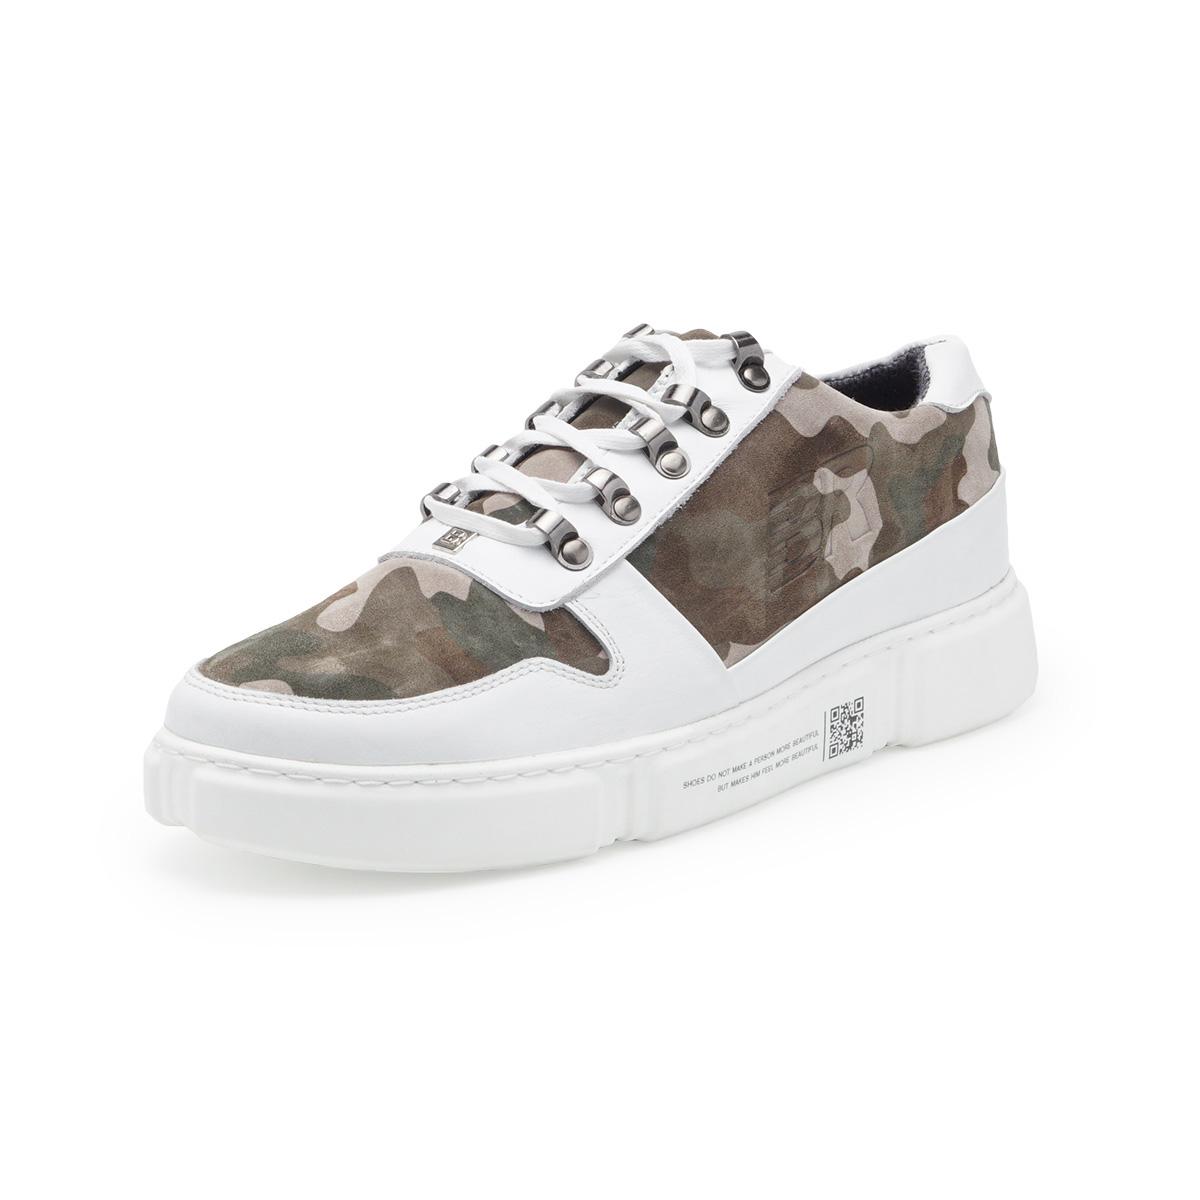 каталожное фото мужской обуви для  интернет-магазина Ламода